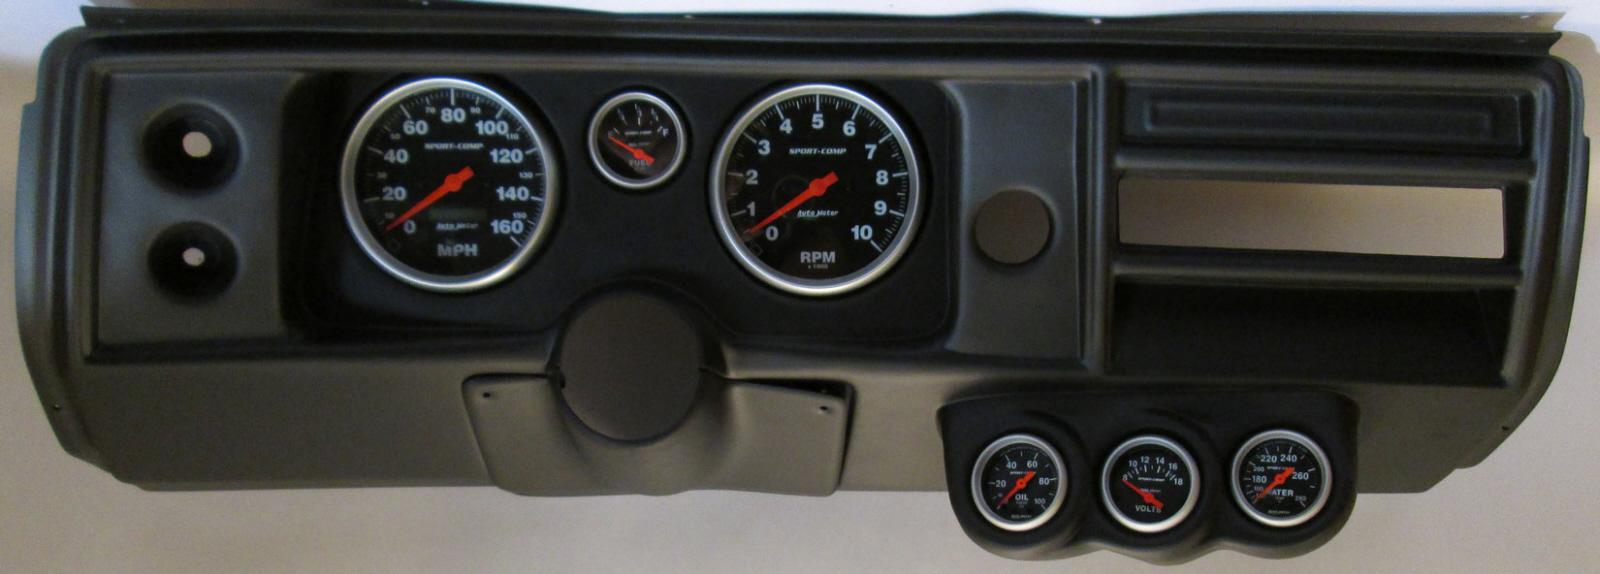 68 Chevelle / El Camino Thunder Road Dash Panel w/ Sport Comp ...